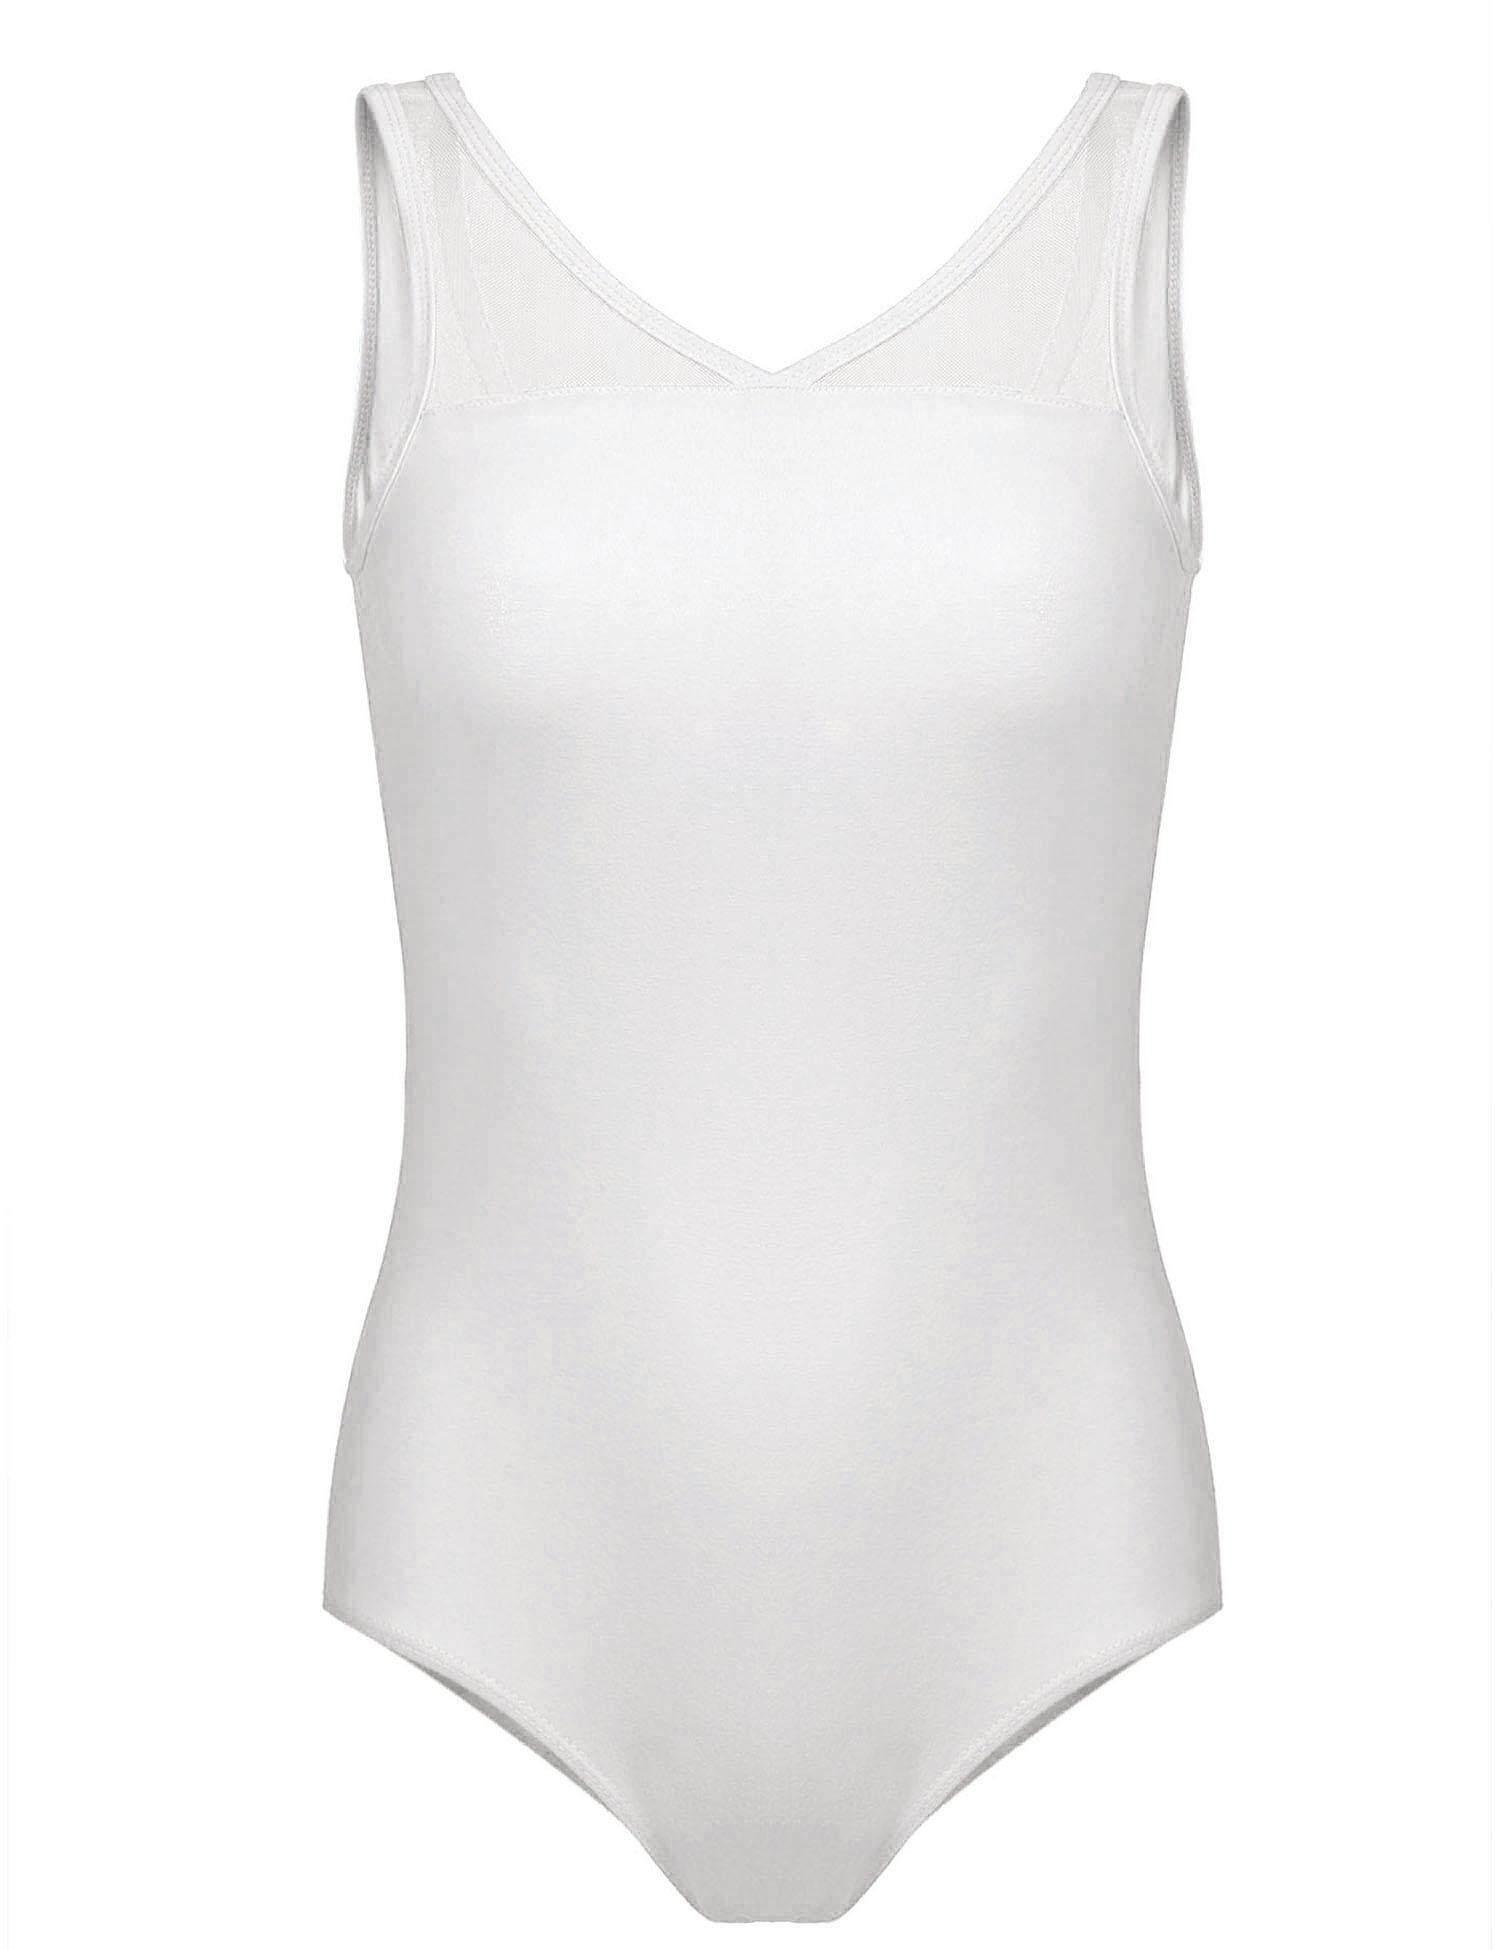 ไซเบอร์ใหญ่ส่วนลดผู้หญิงยิมนาสติกแขนกุด Dancewear ตาข่ายถังกางเกงแนบเนื้อที่พวกเล่นละครสวม - นานาชาติ.